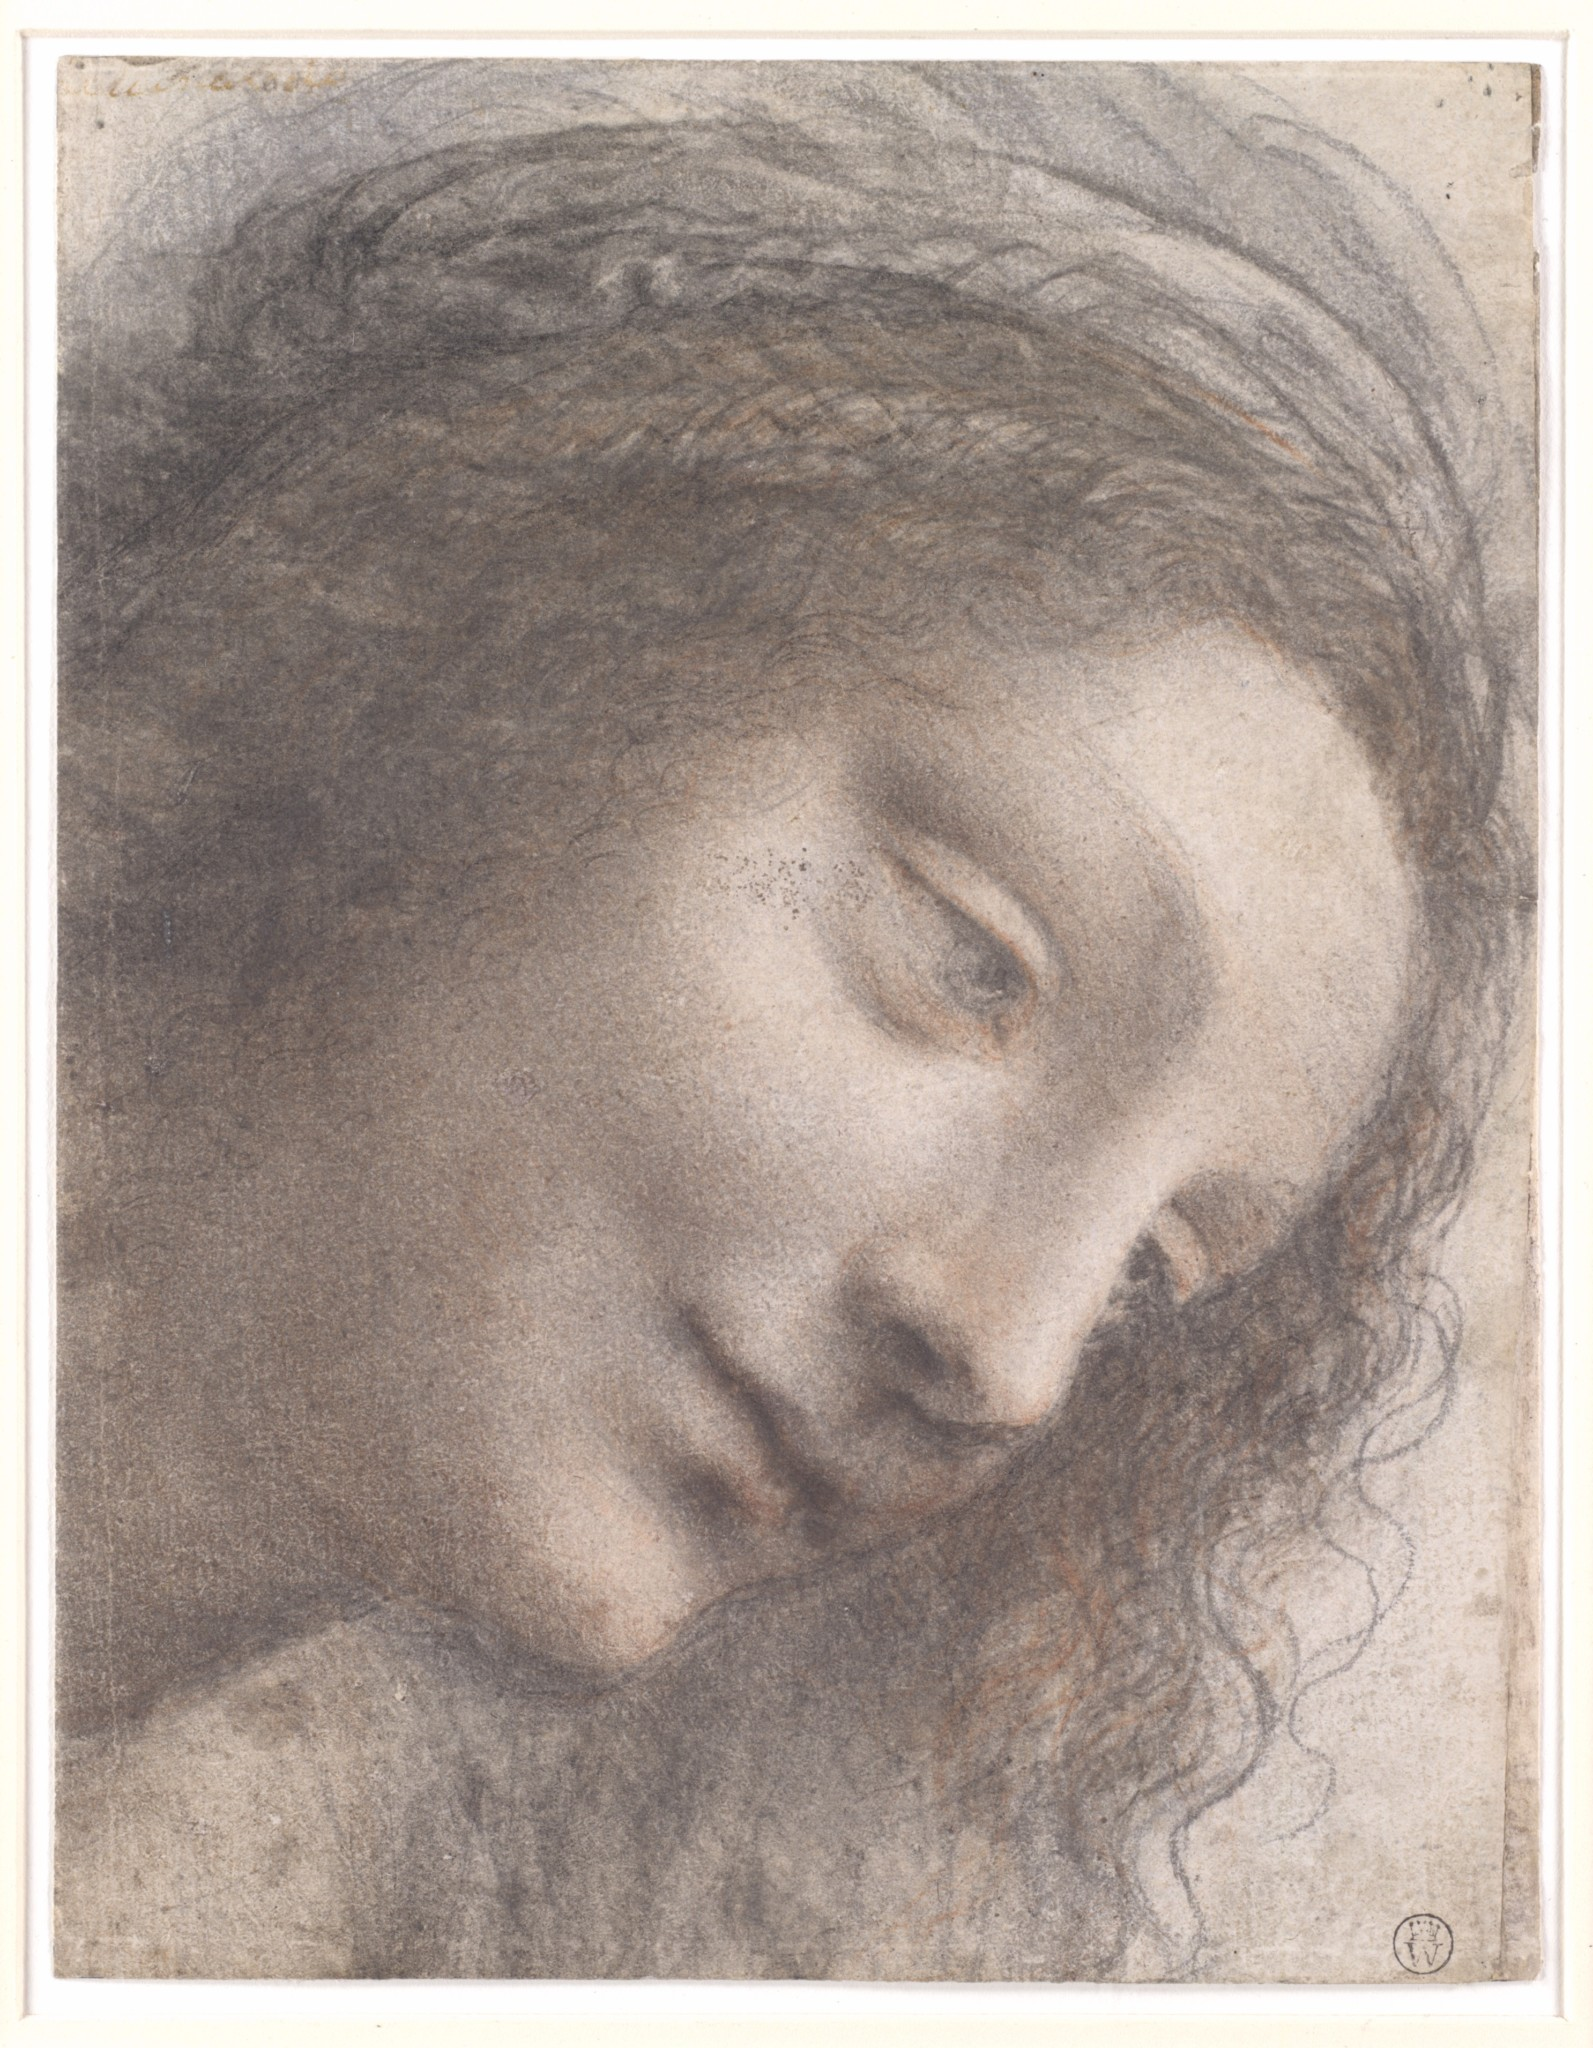 A cabeça da Virgem, Leonardo da Vinci, 1508-1512, The Metropolitan Museum of Arts, Nova Iorque, EUA.